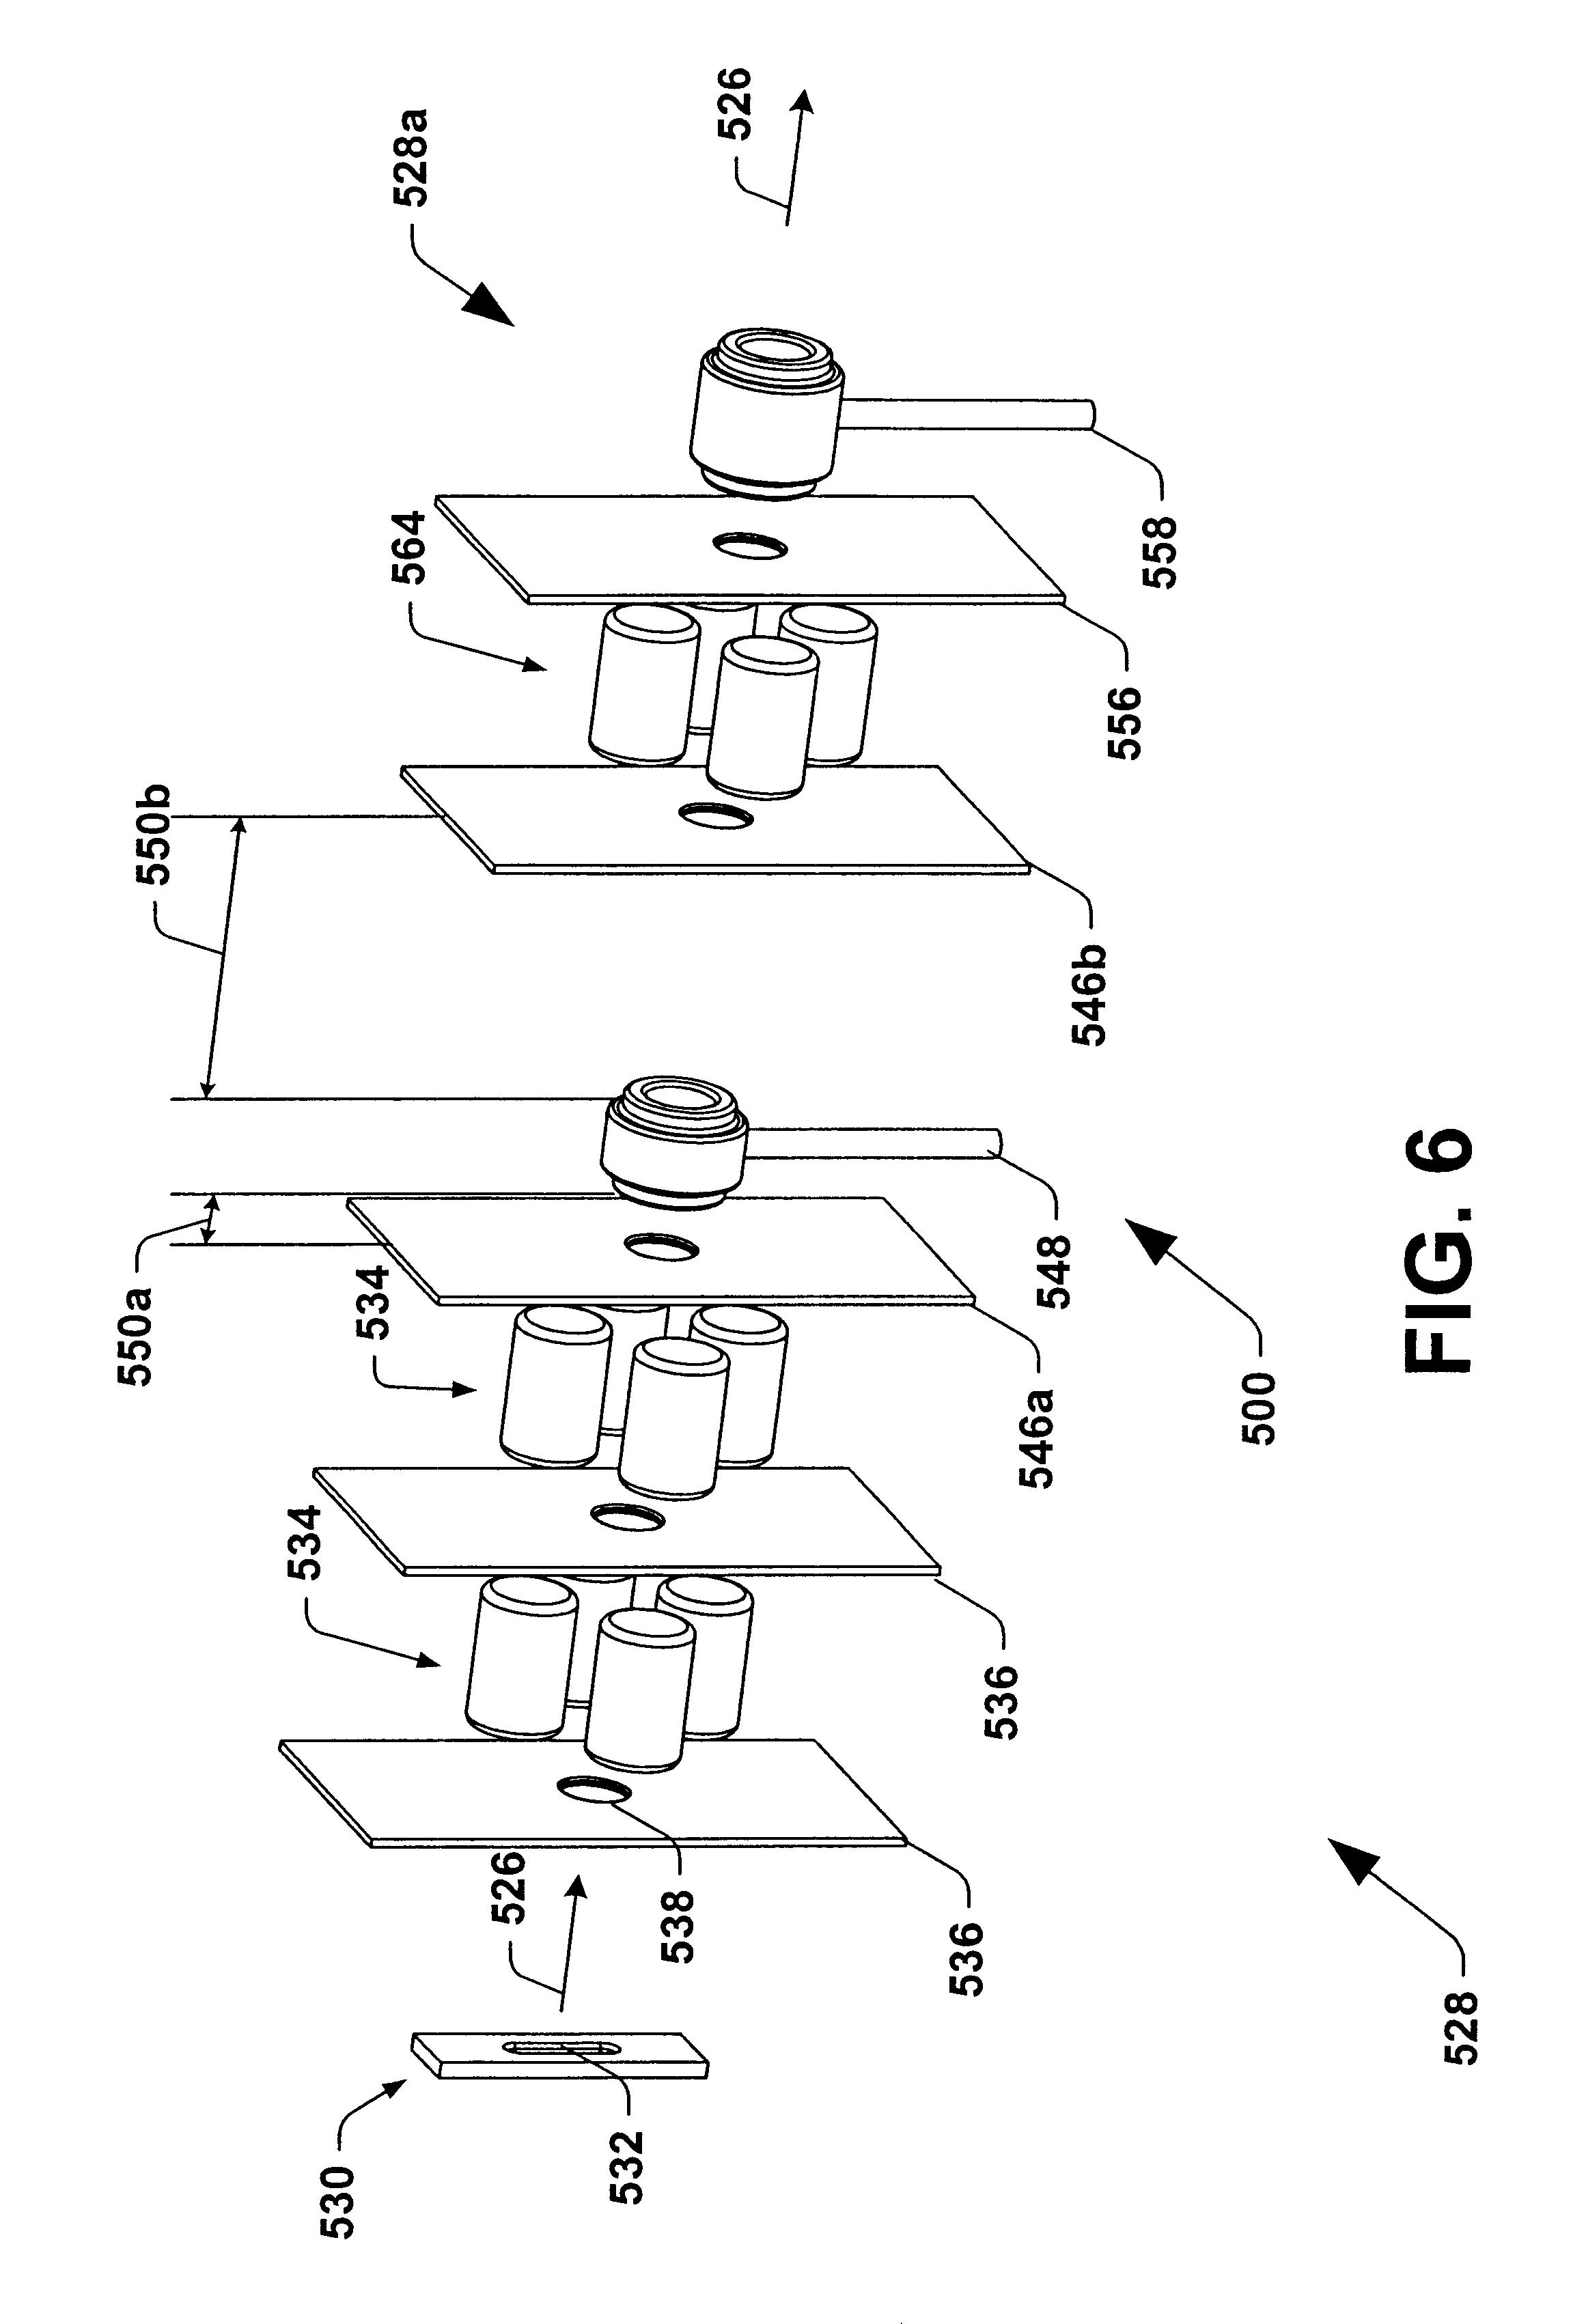 patent us6583429